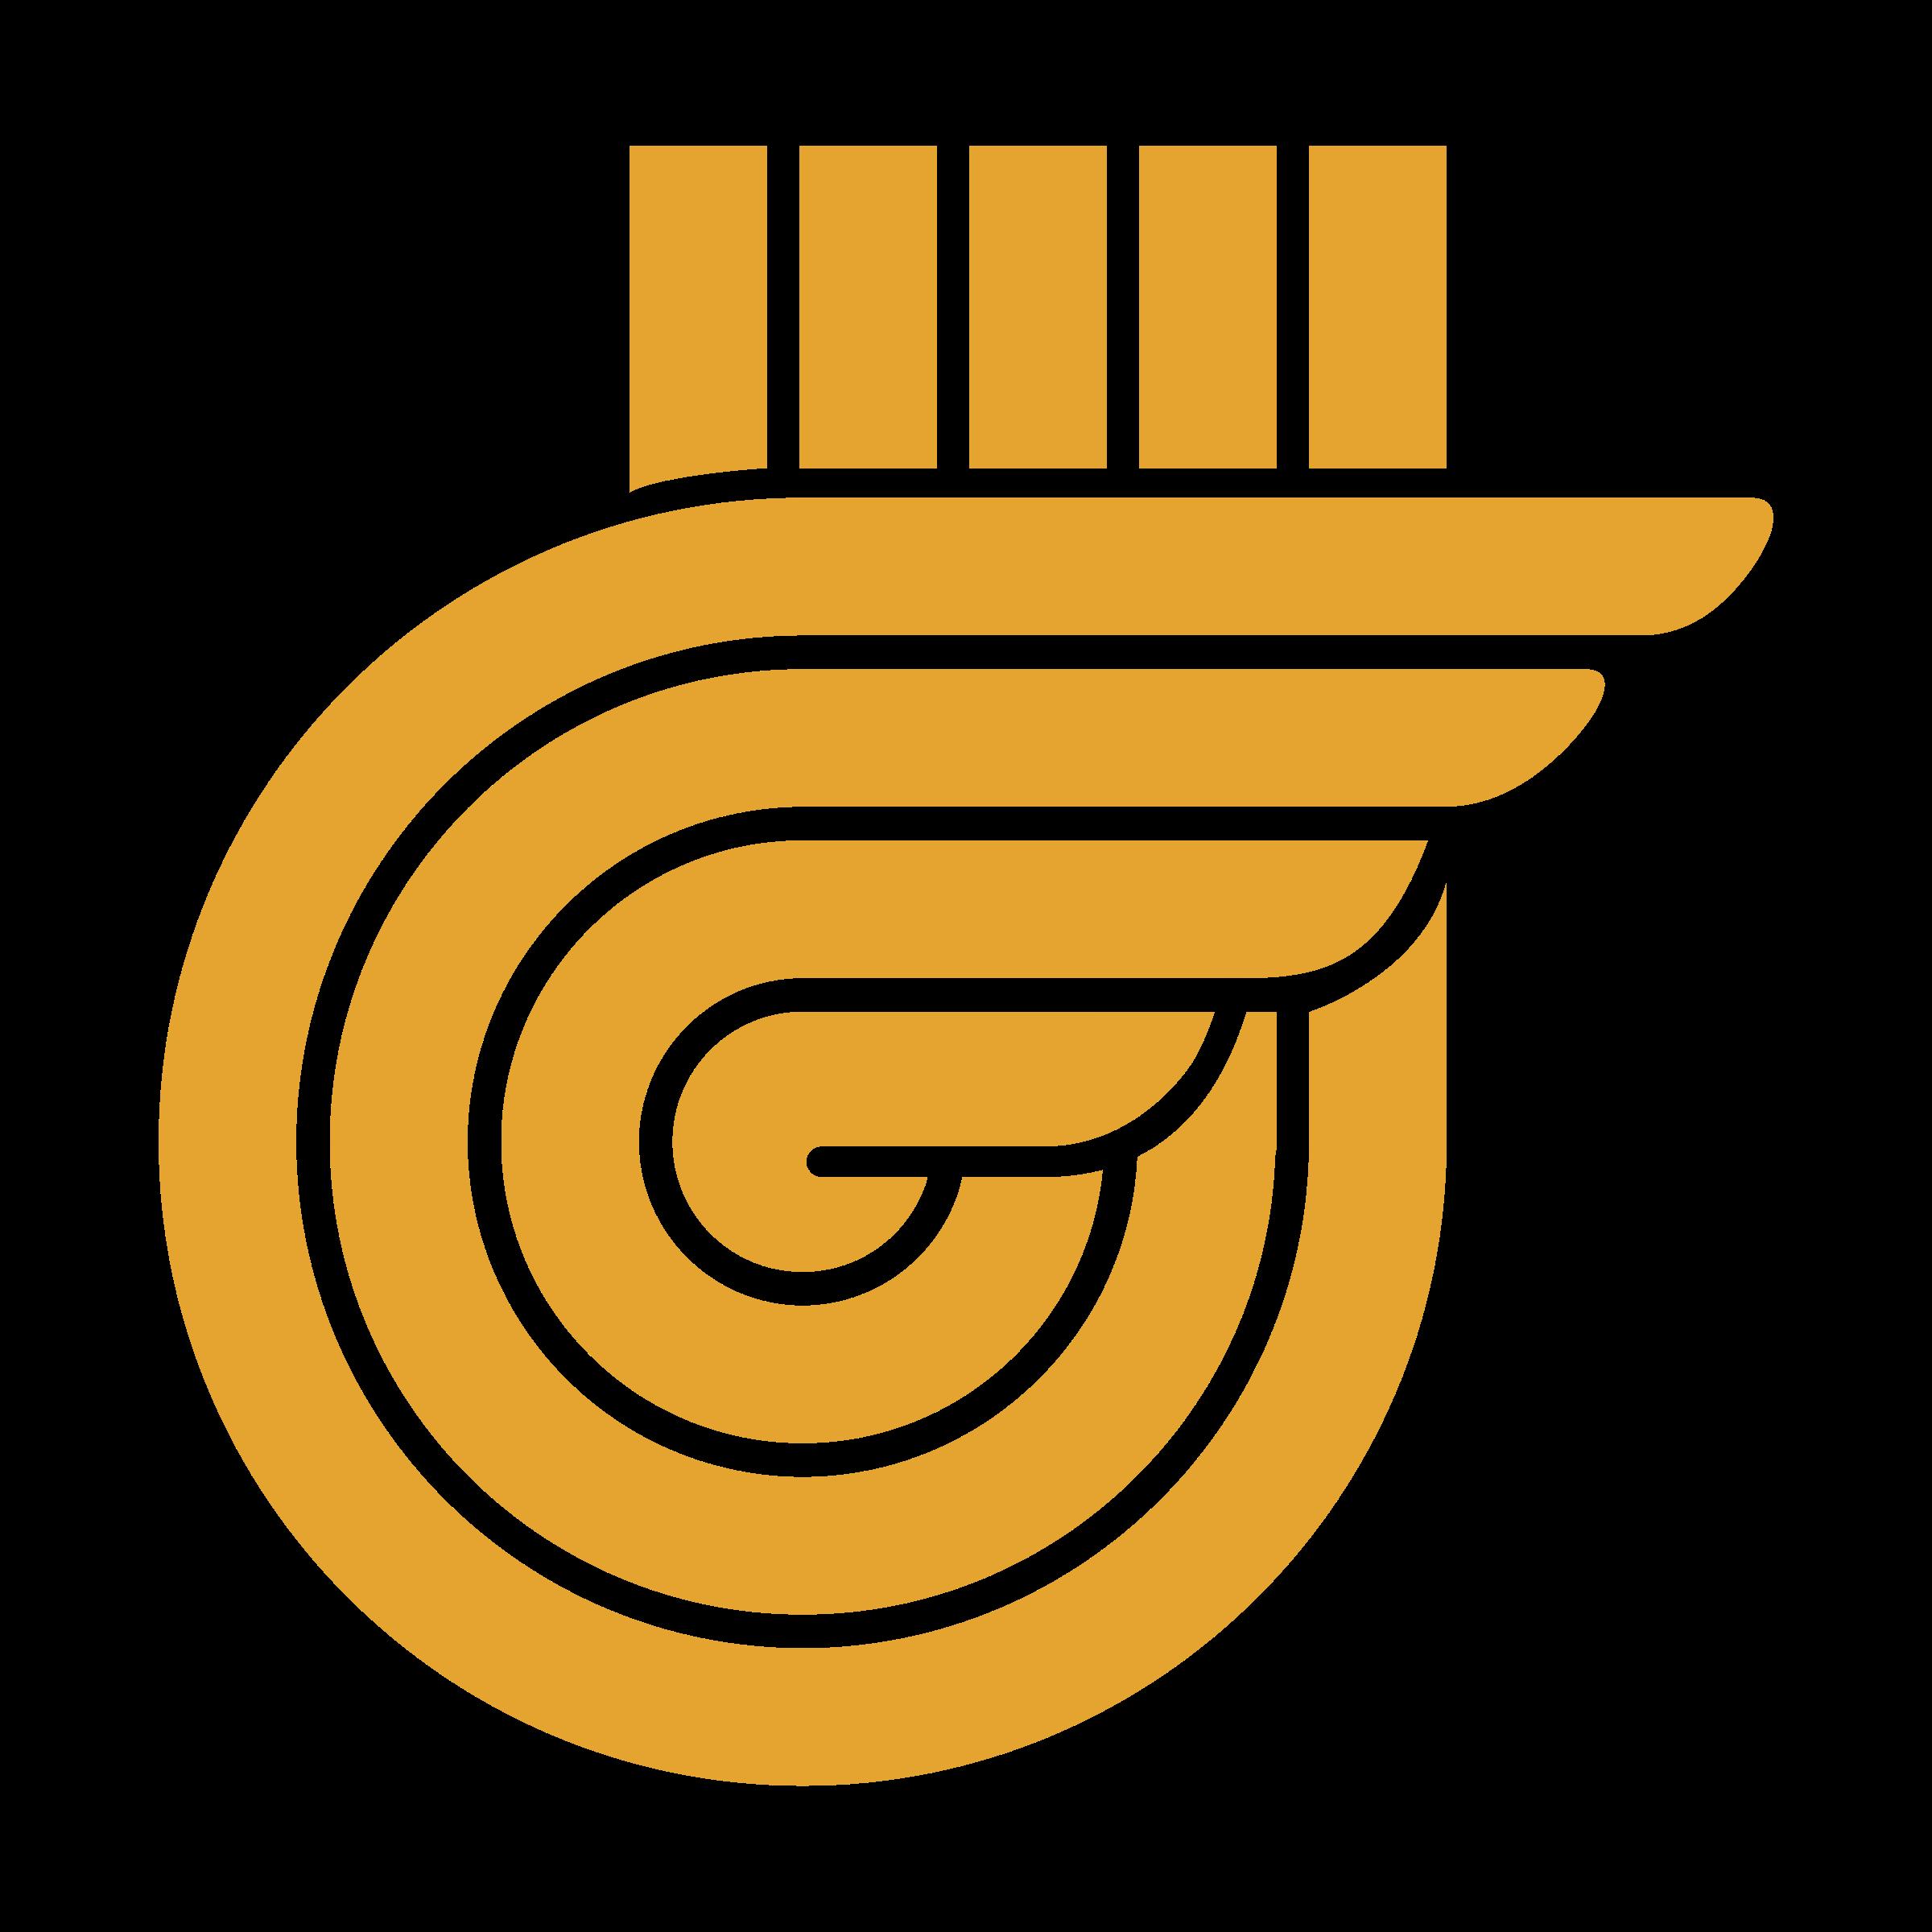 Hydromash Logo PNG Transparent & SVG Vector.